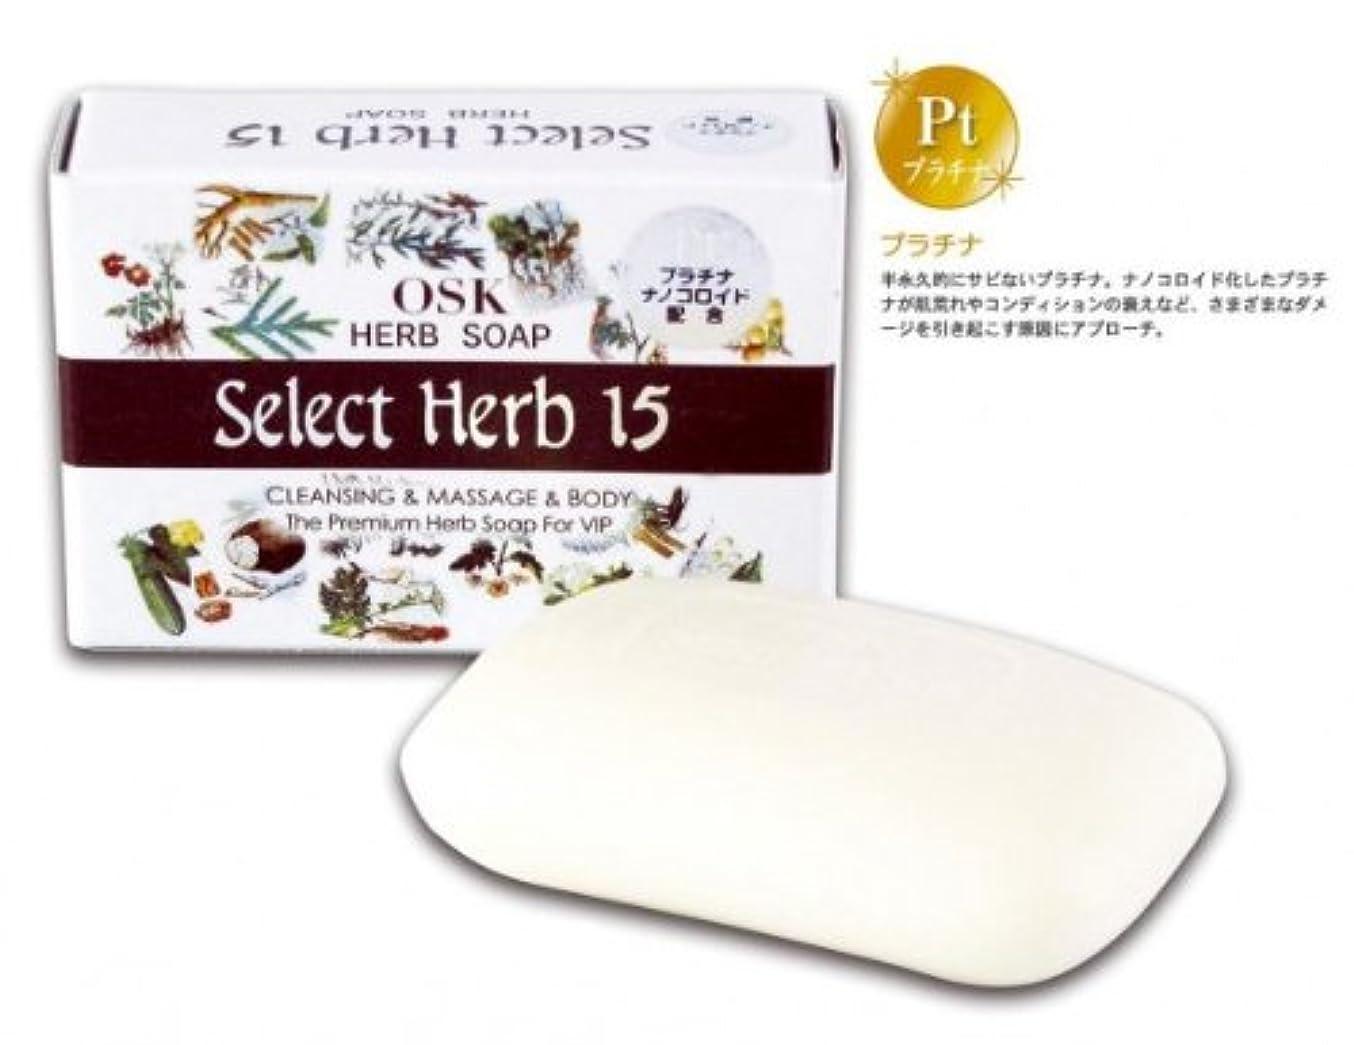 自宅でアンカー汚すNEW OSK SOAP SelectHerb15(ニューオーエスケーソープセレクトハーブ15)135g